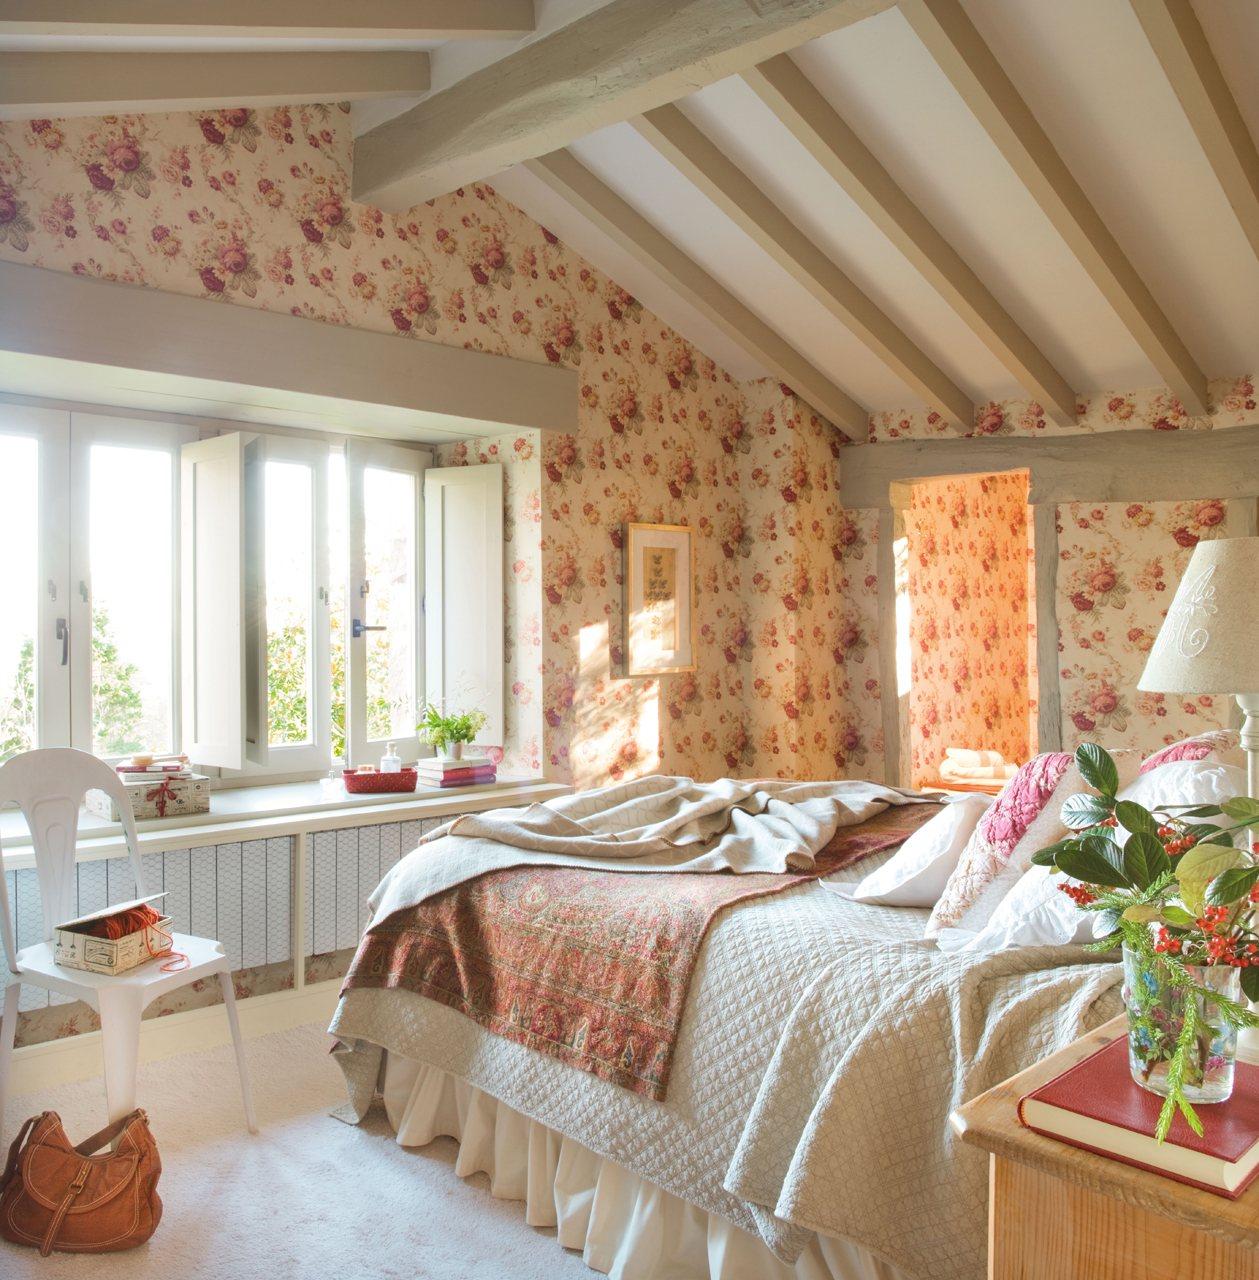 Dormitorio principal con papel de flores. Dormitorio principal